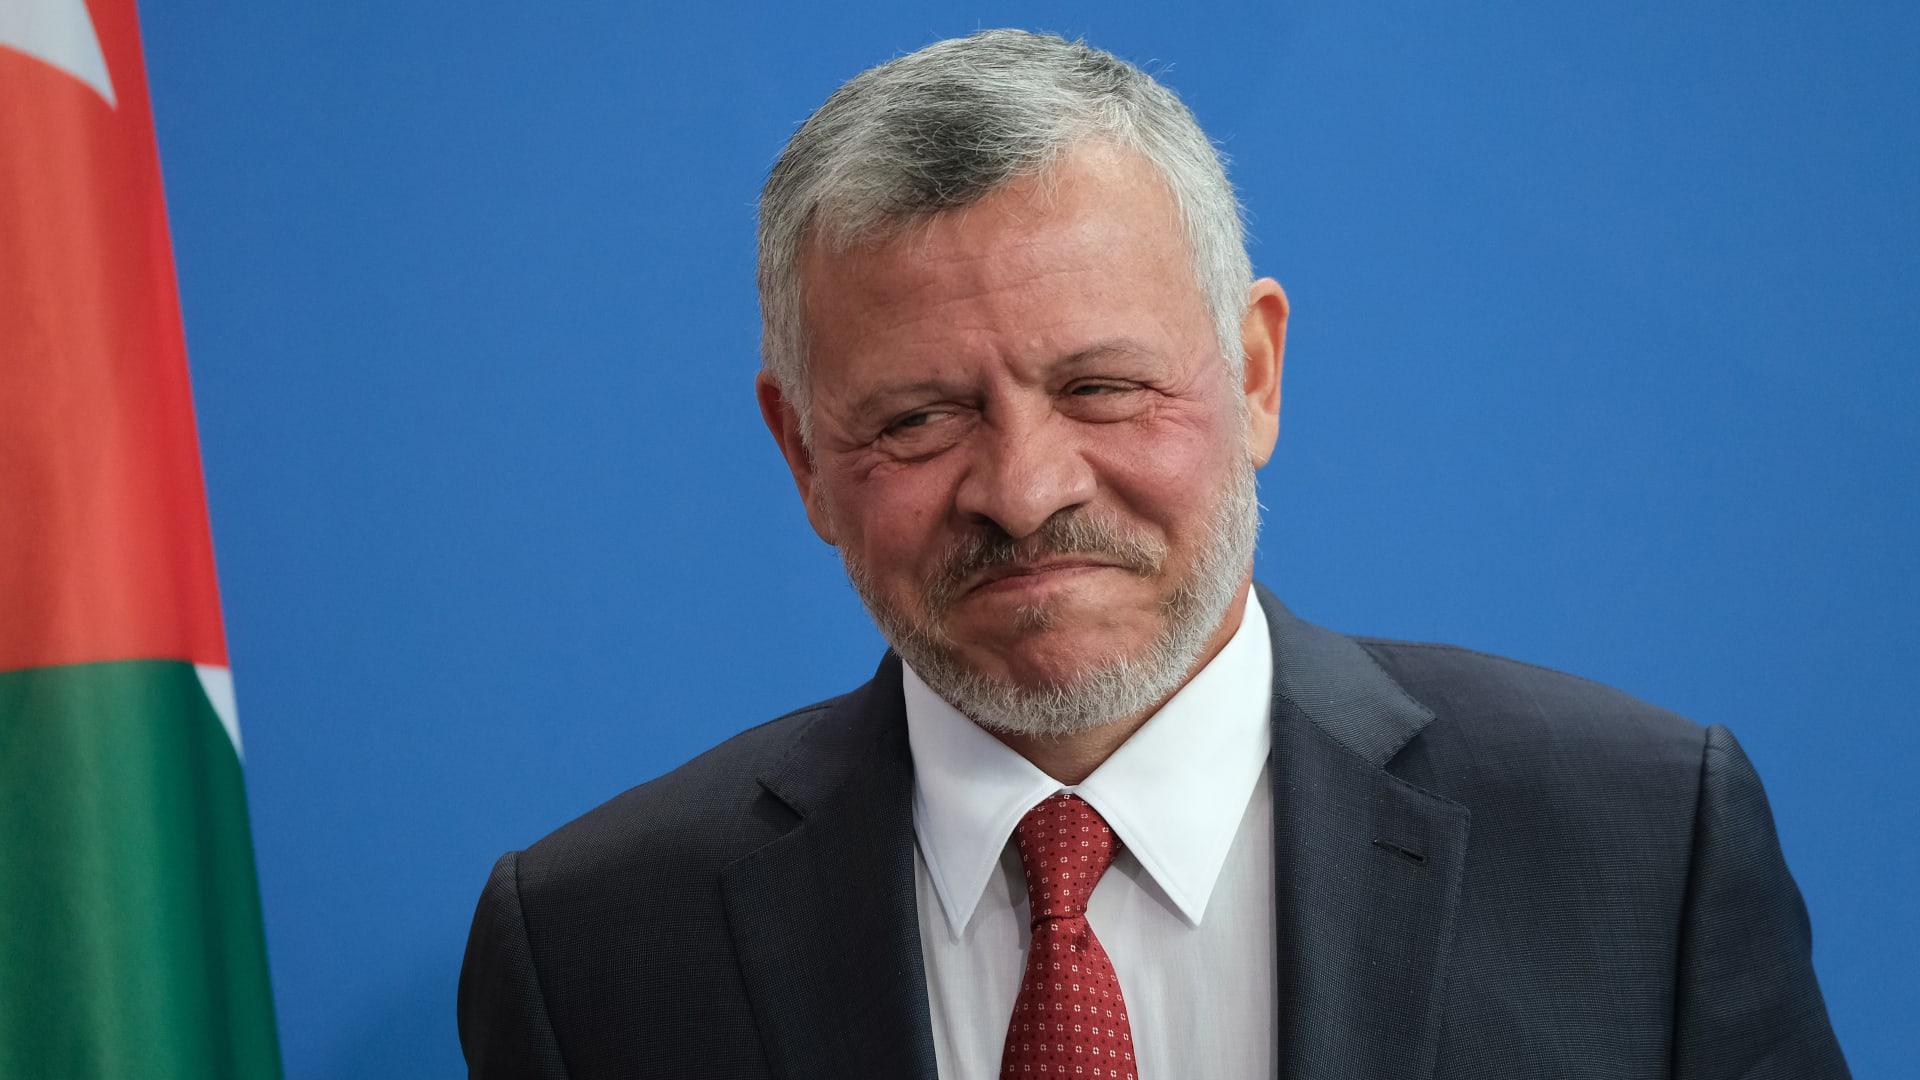 الحكومة الأردنية تطلق خطة لتحفيز الاقتصاد الوطني بتحرك ملكي مباشر